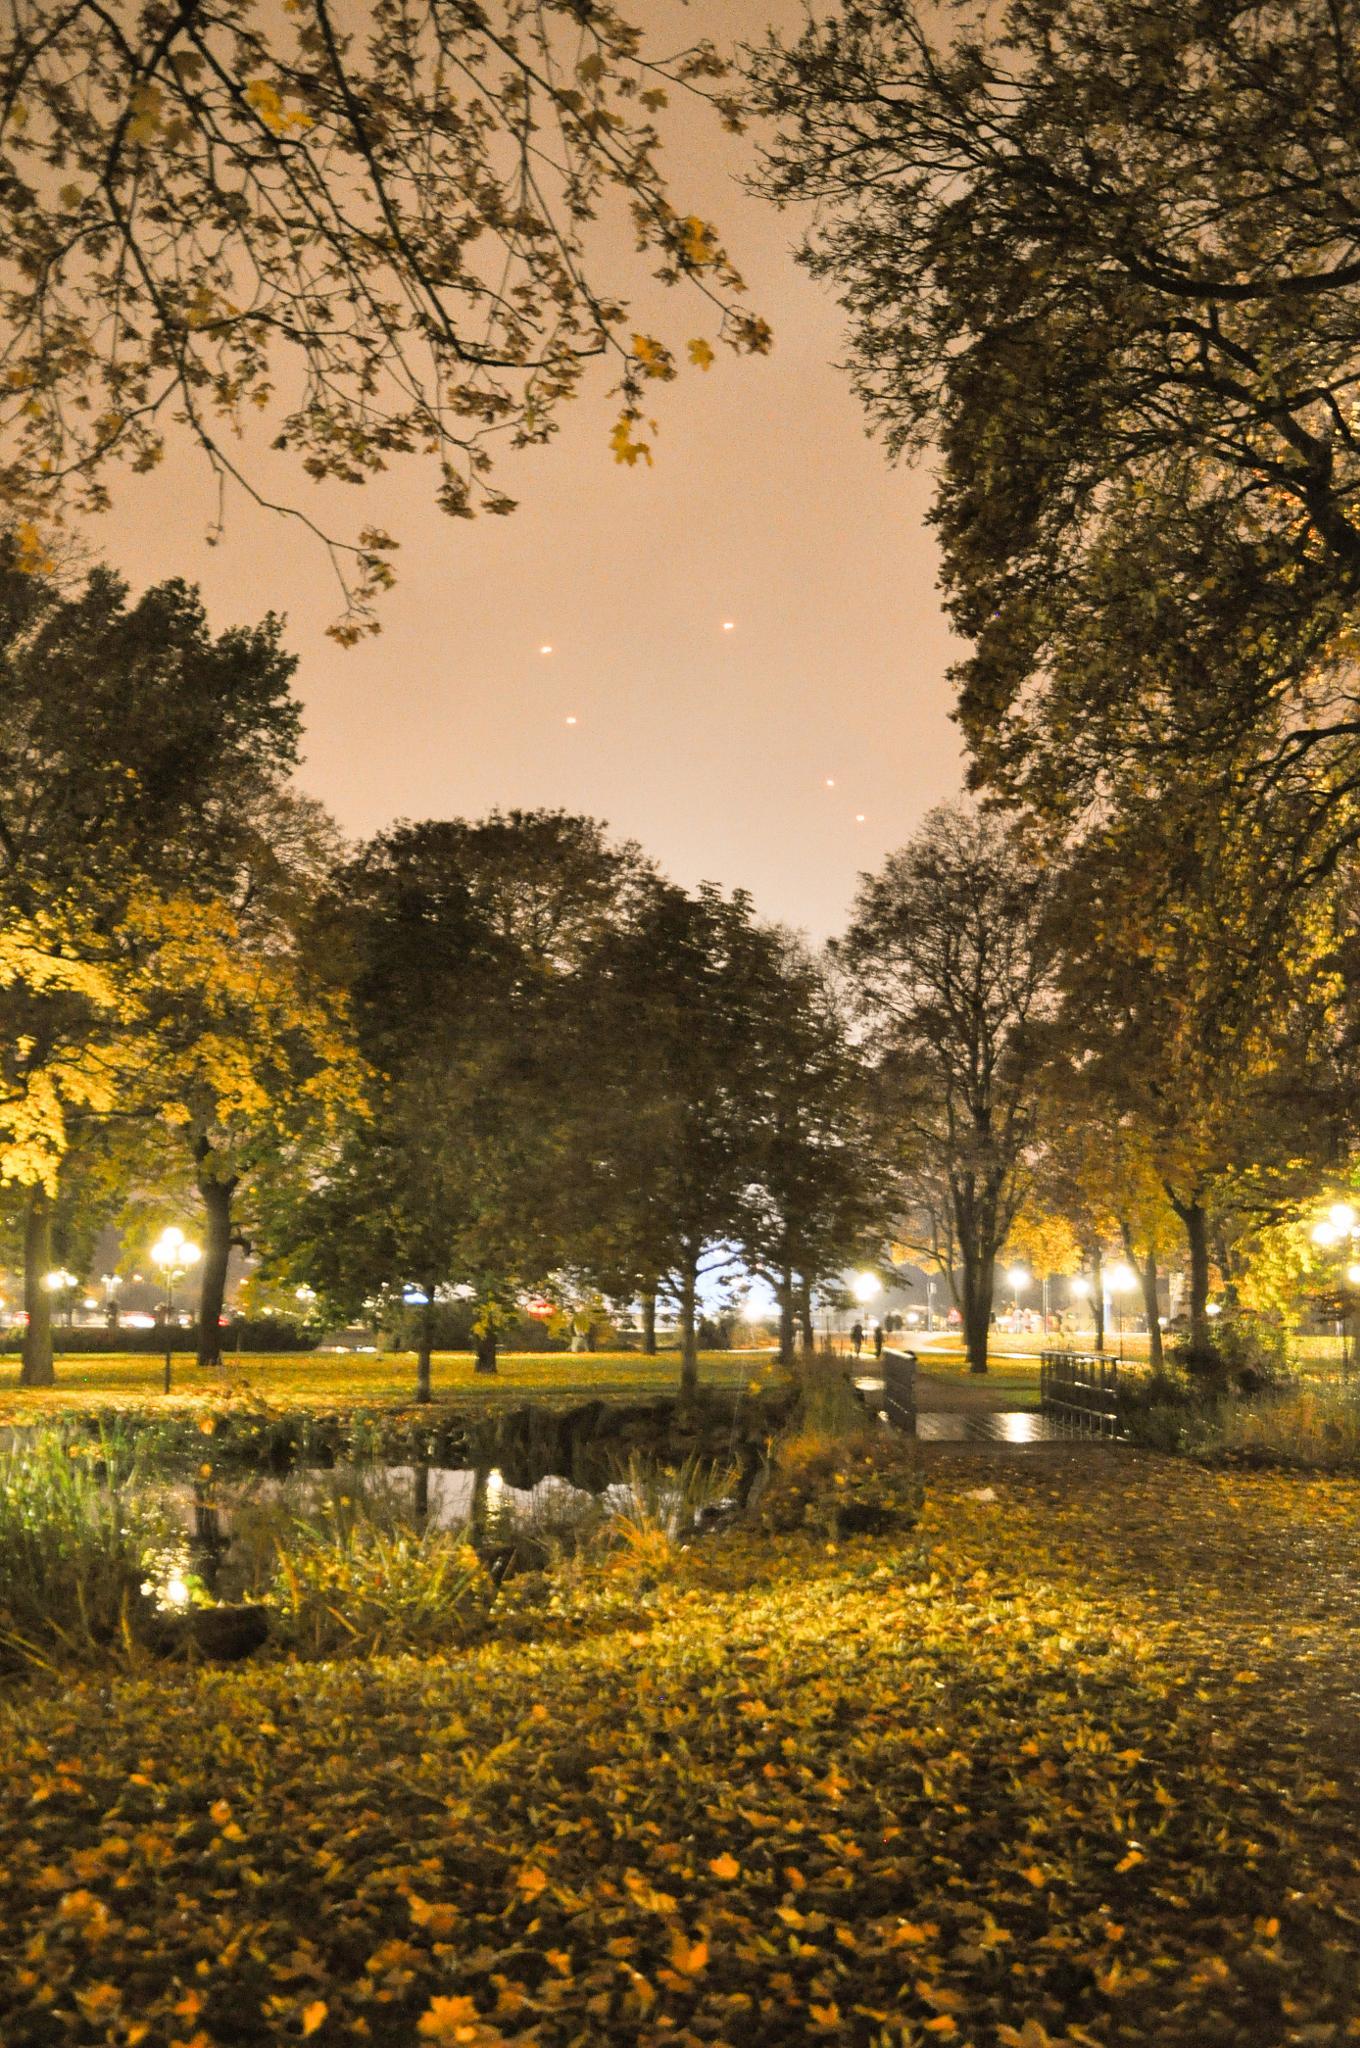 Eskilstuna stadspark by Tobias Erdsjö